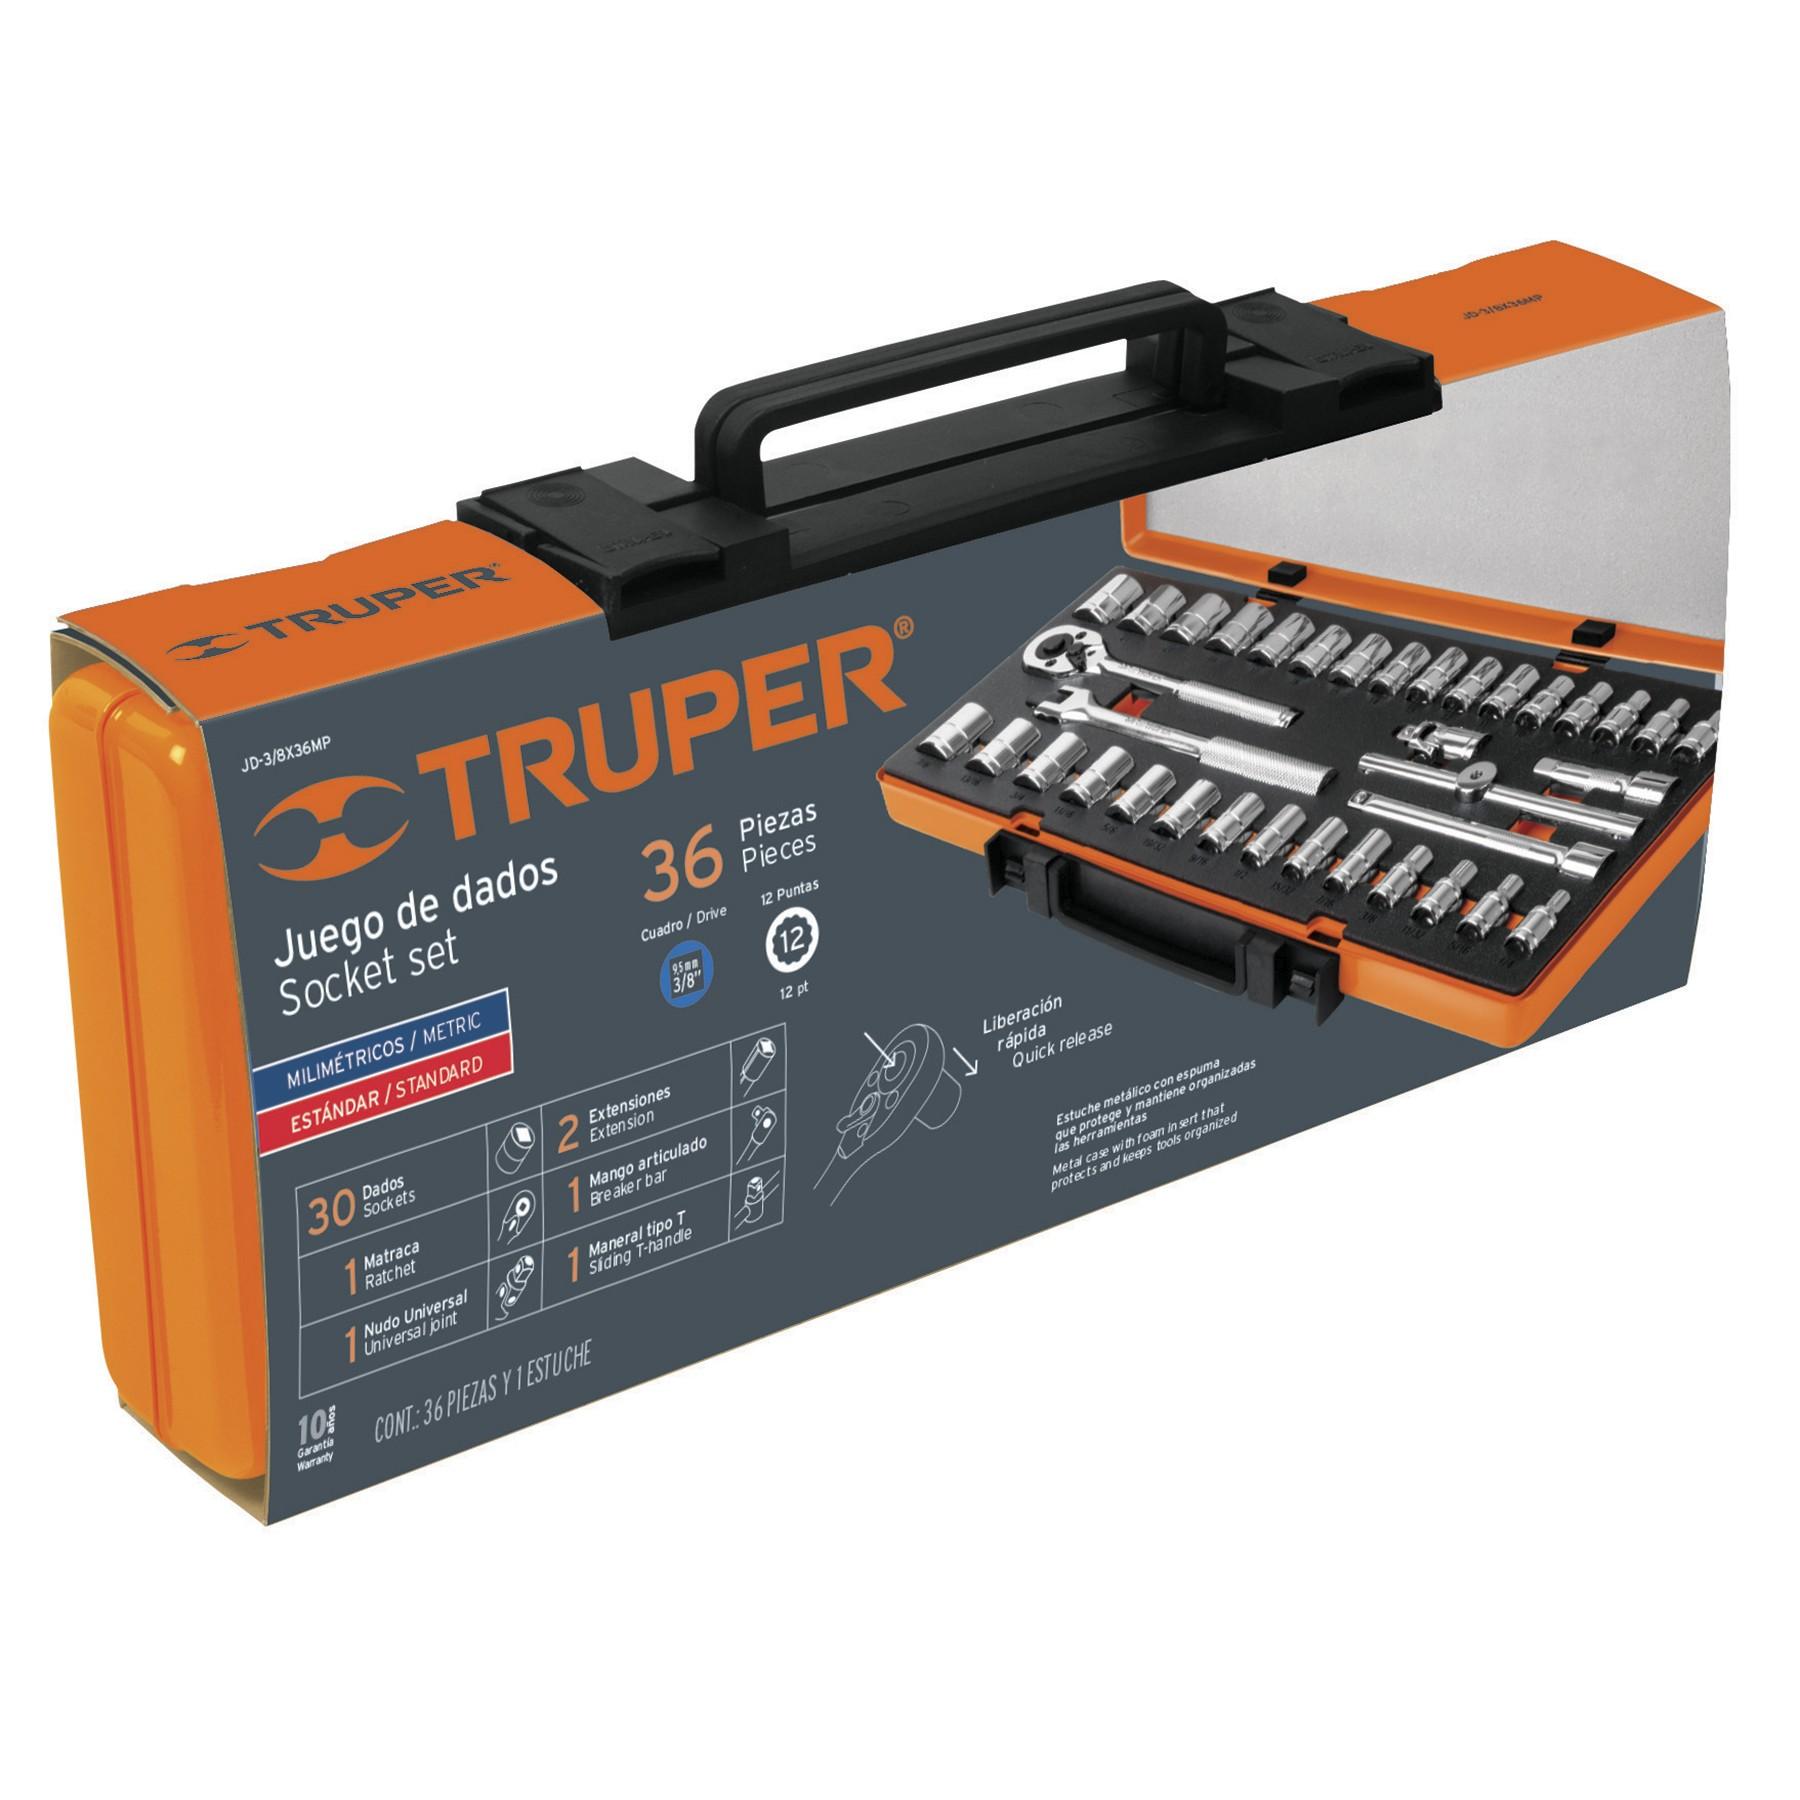 Juego de herramienta Truper para mecánico, 36 piezas